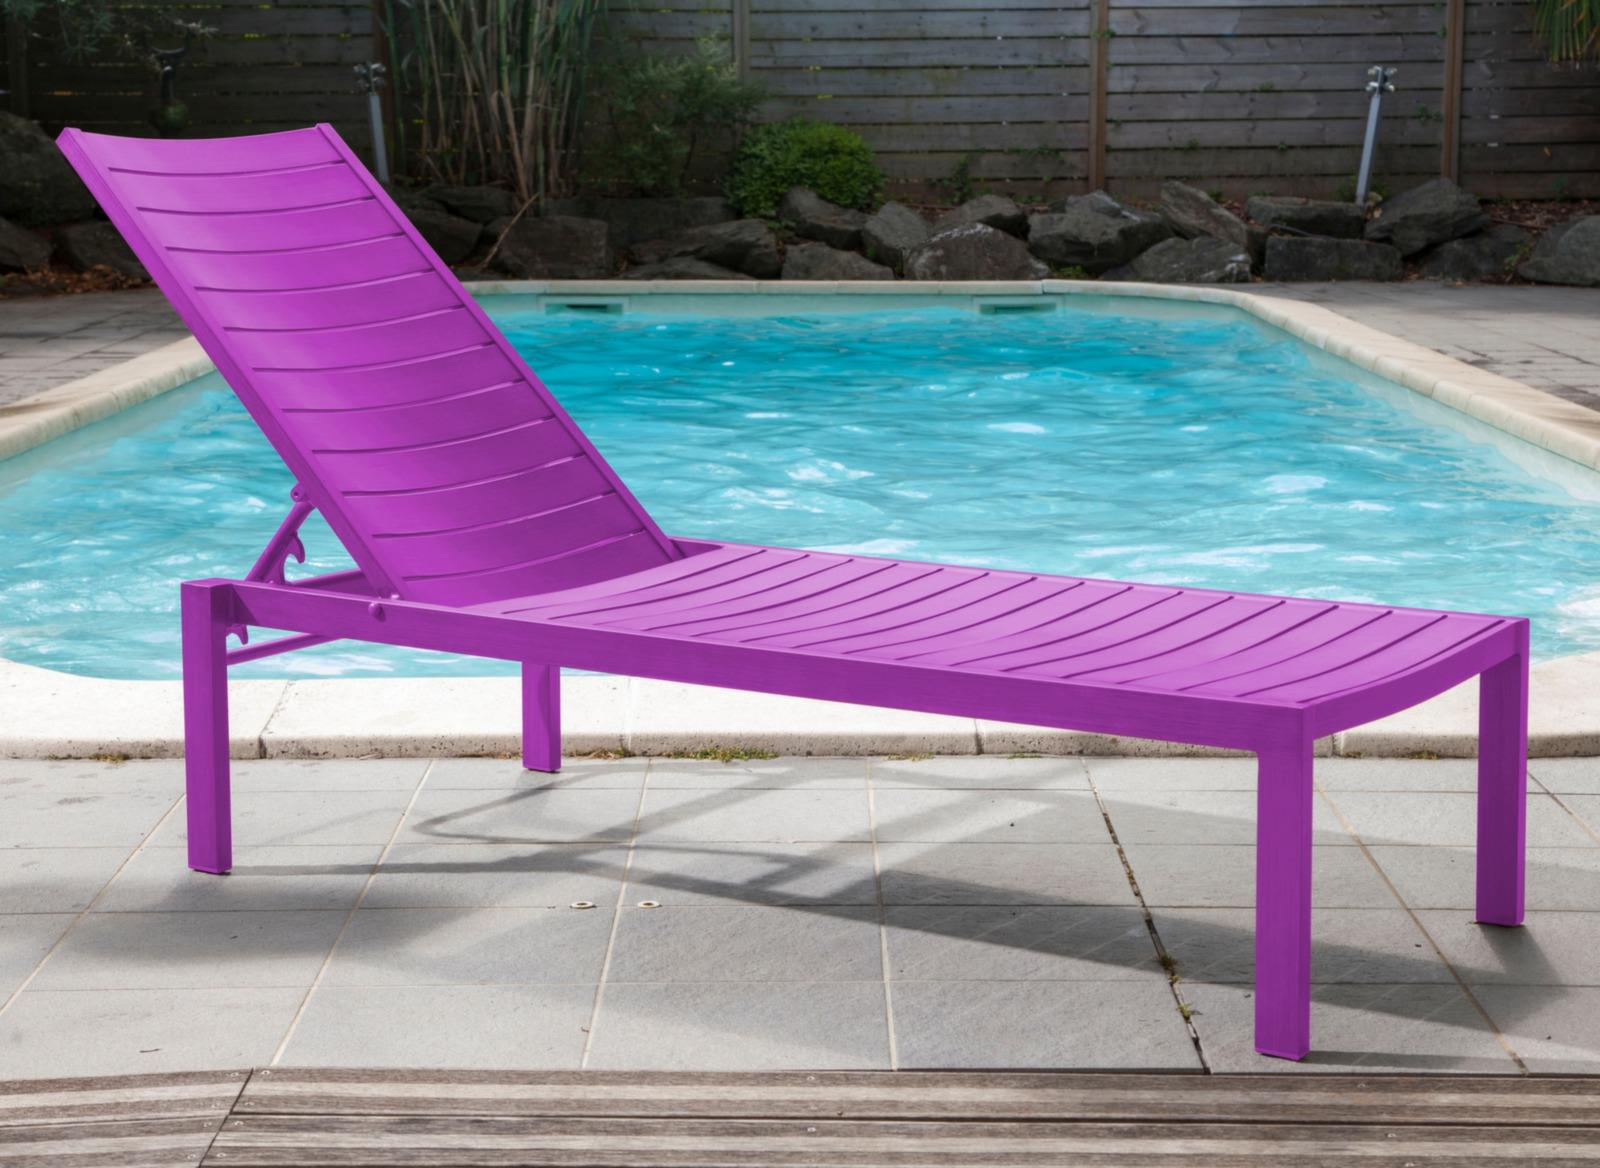 lit de soleil latin blanc promotion oc o proloisirs. Black Bedroom Furniture Sets. Home Design Ideas